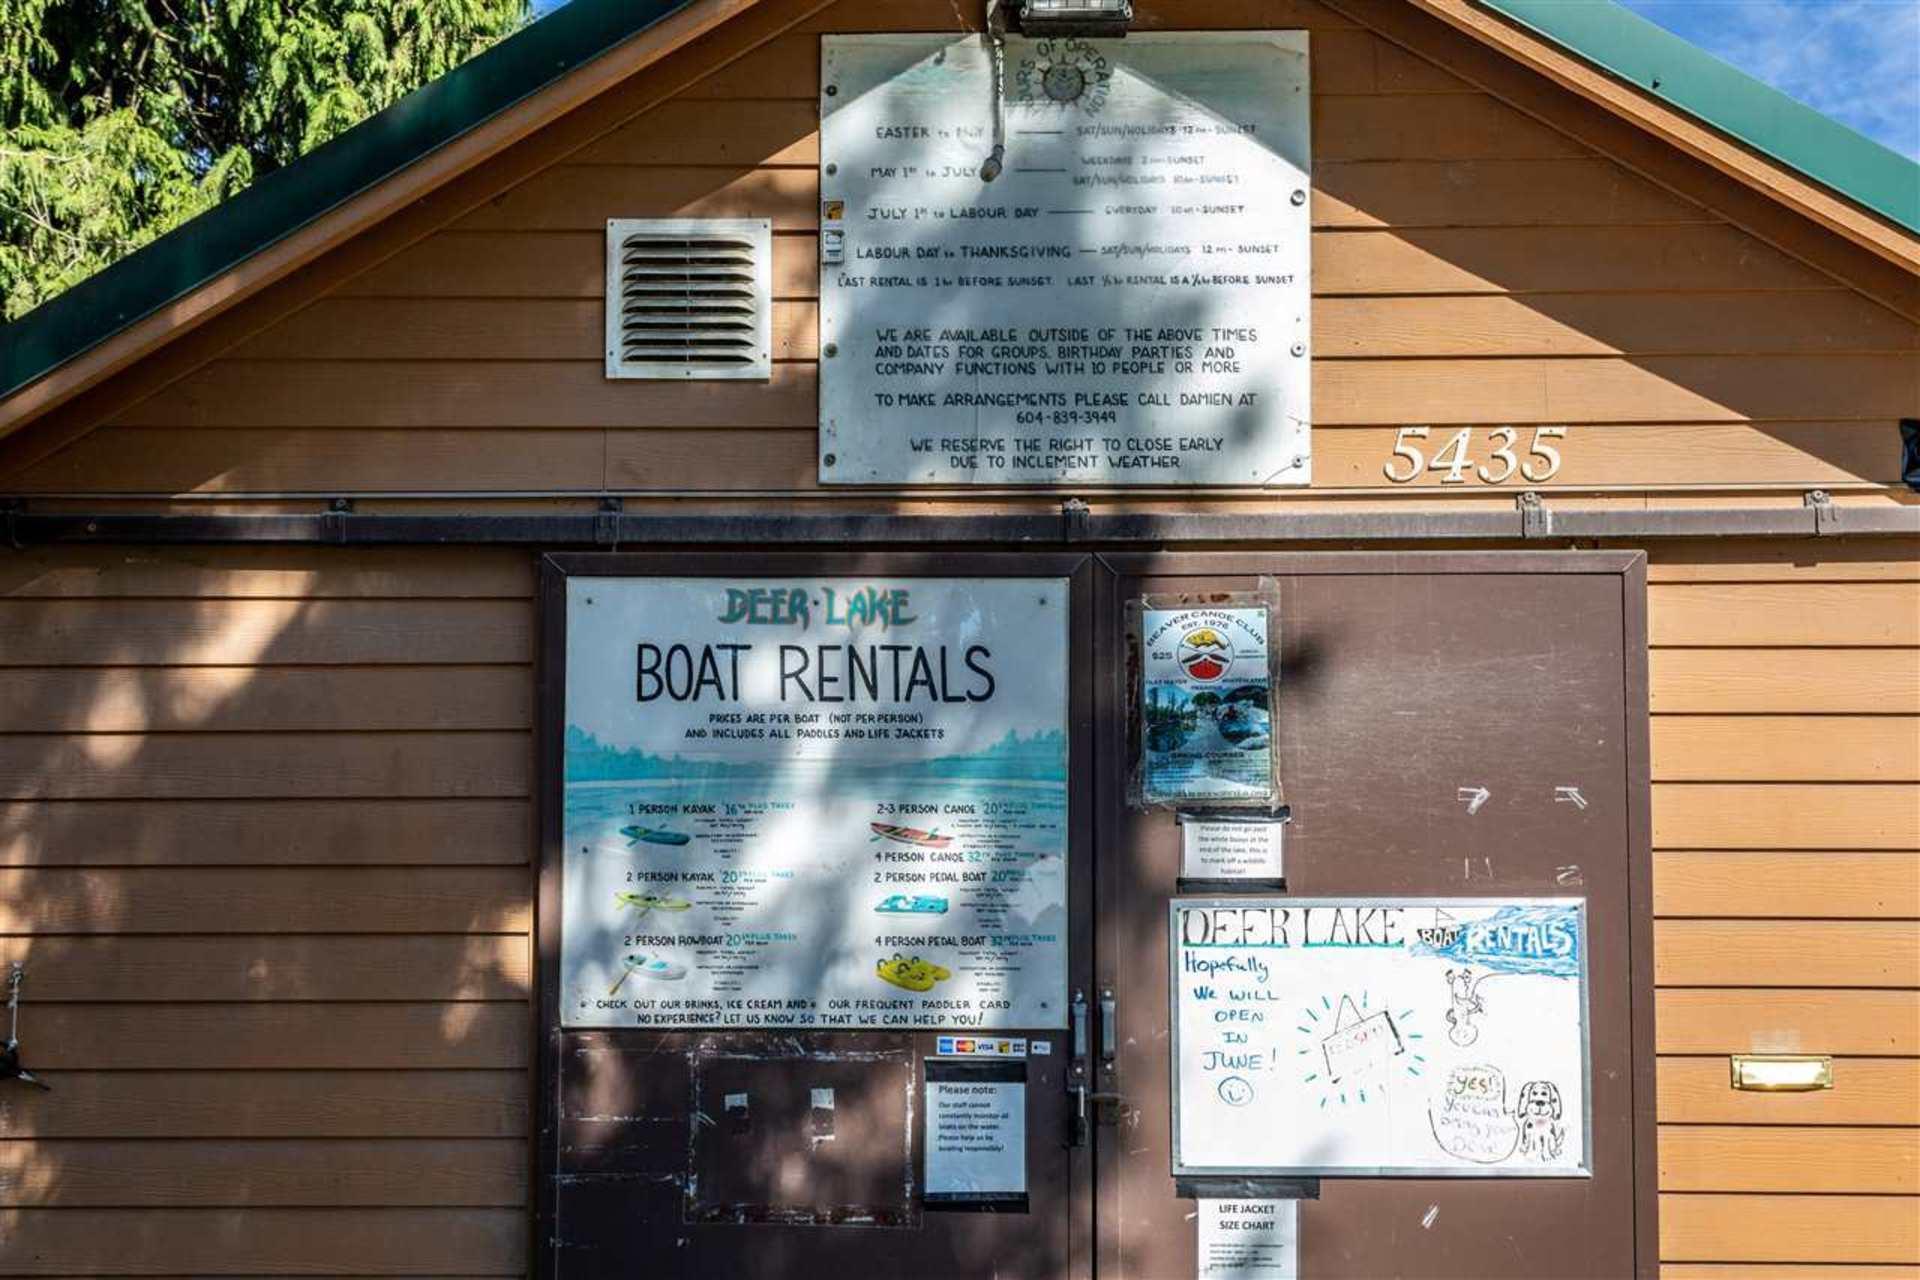 6036-brantford-avenue-upper-deer-lake-burnaby-south-21 at 6036 Brantford Avenue, Upper Deer Lake, Burnaby South